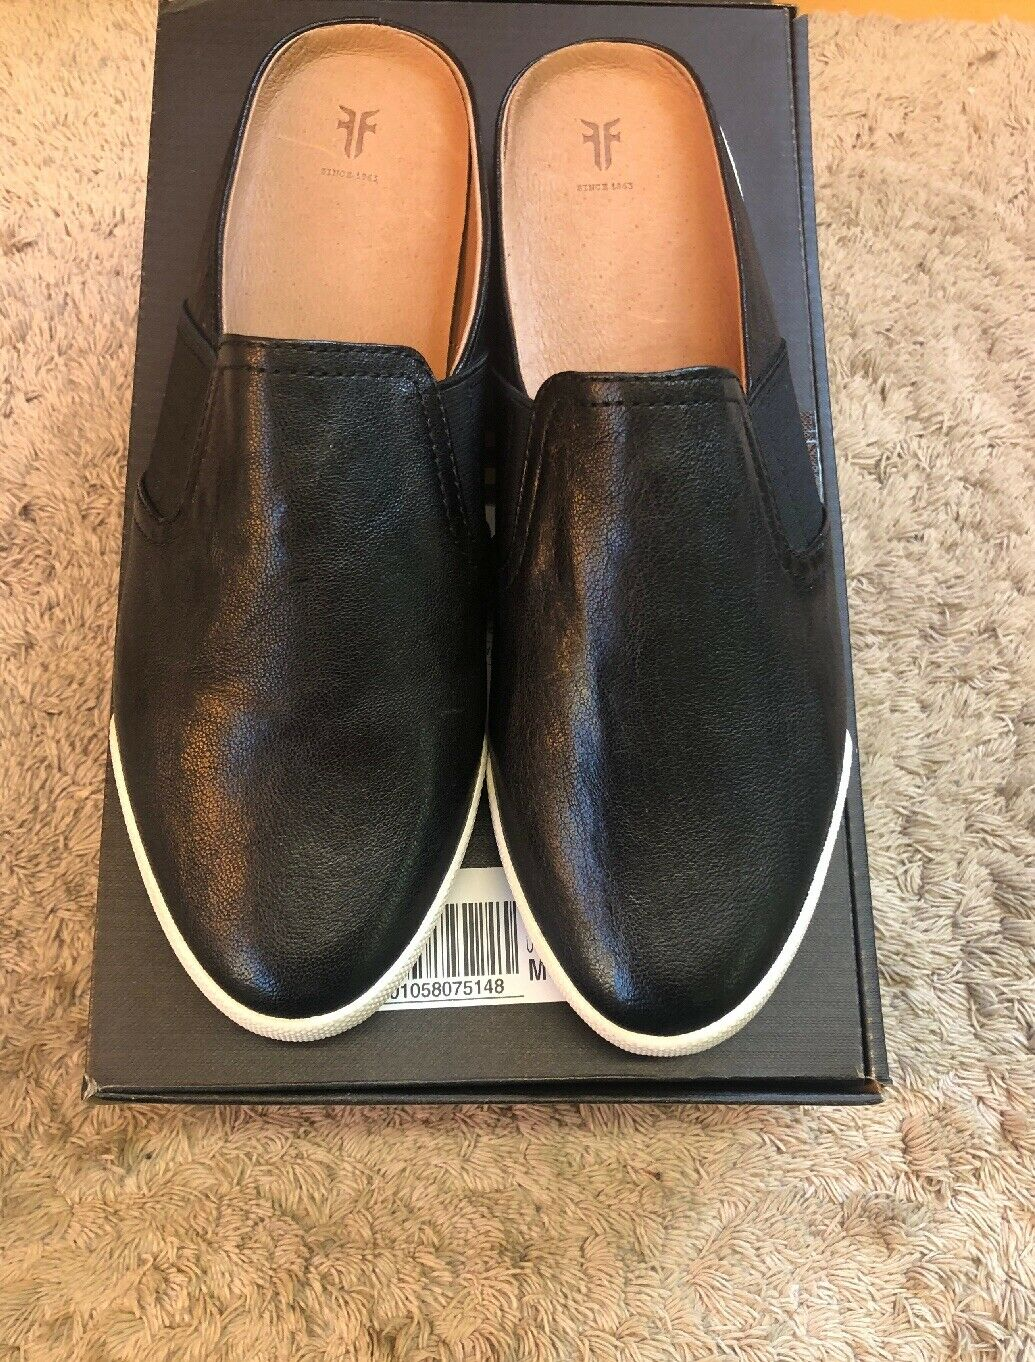 Sito ufficiale Frye Donna Melanie Gore Mule scarpe nero Slides Dimensione Dimensione Dimensione 8.5 Leather  prodotti creativi